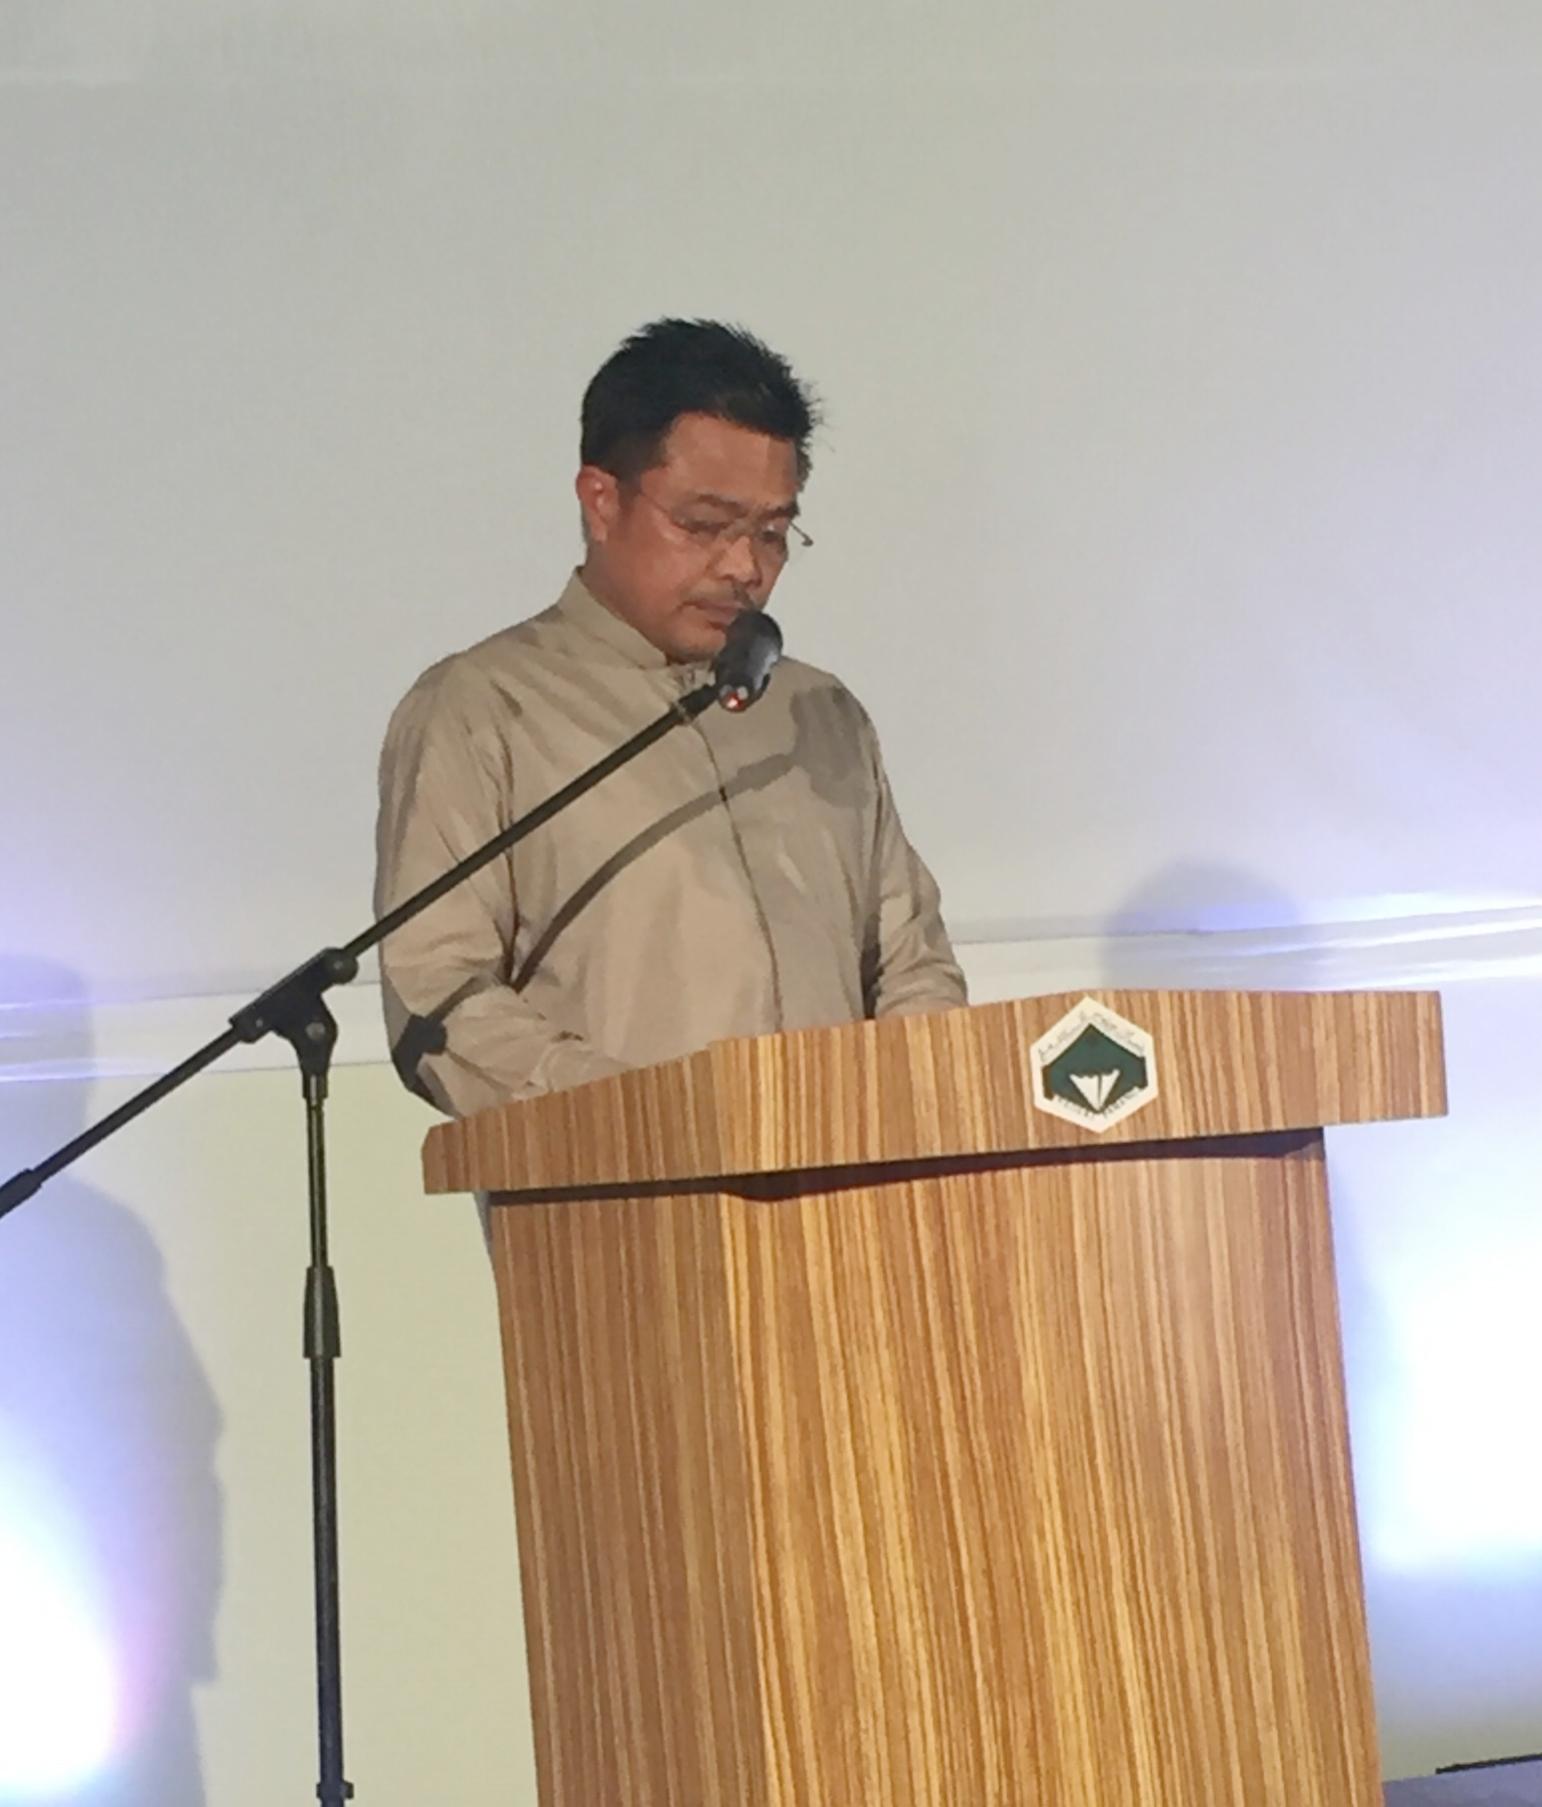 Dato' Sri Haji Mohd Sharkar bin Haji Shamsudin,Chairman of Pahang State Tourism and Cultural Affairs